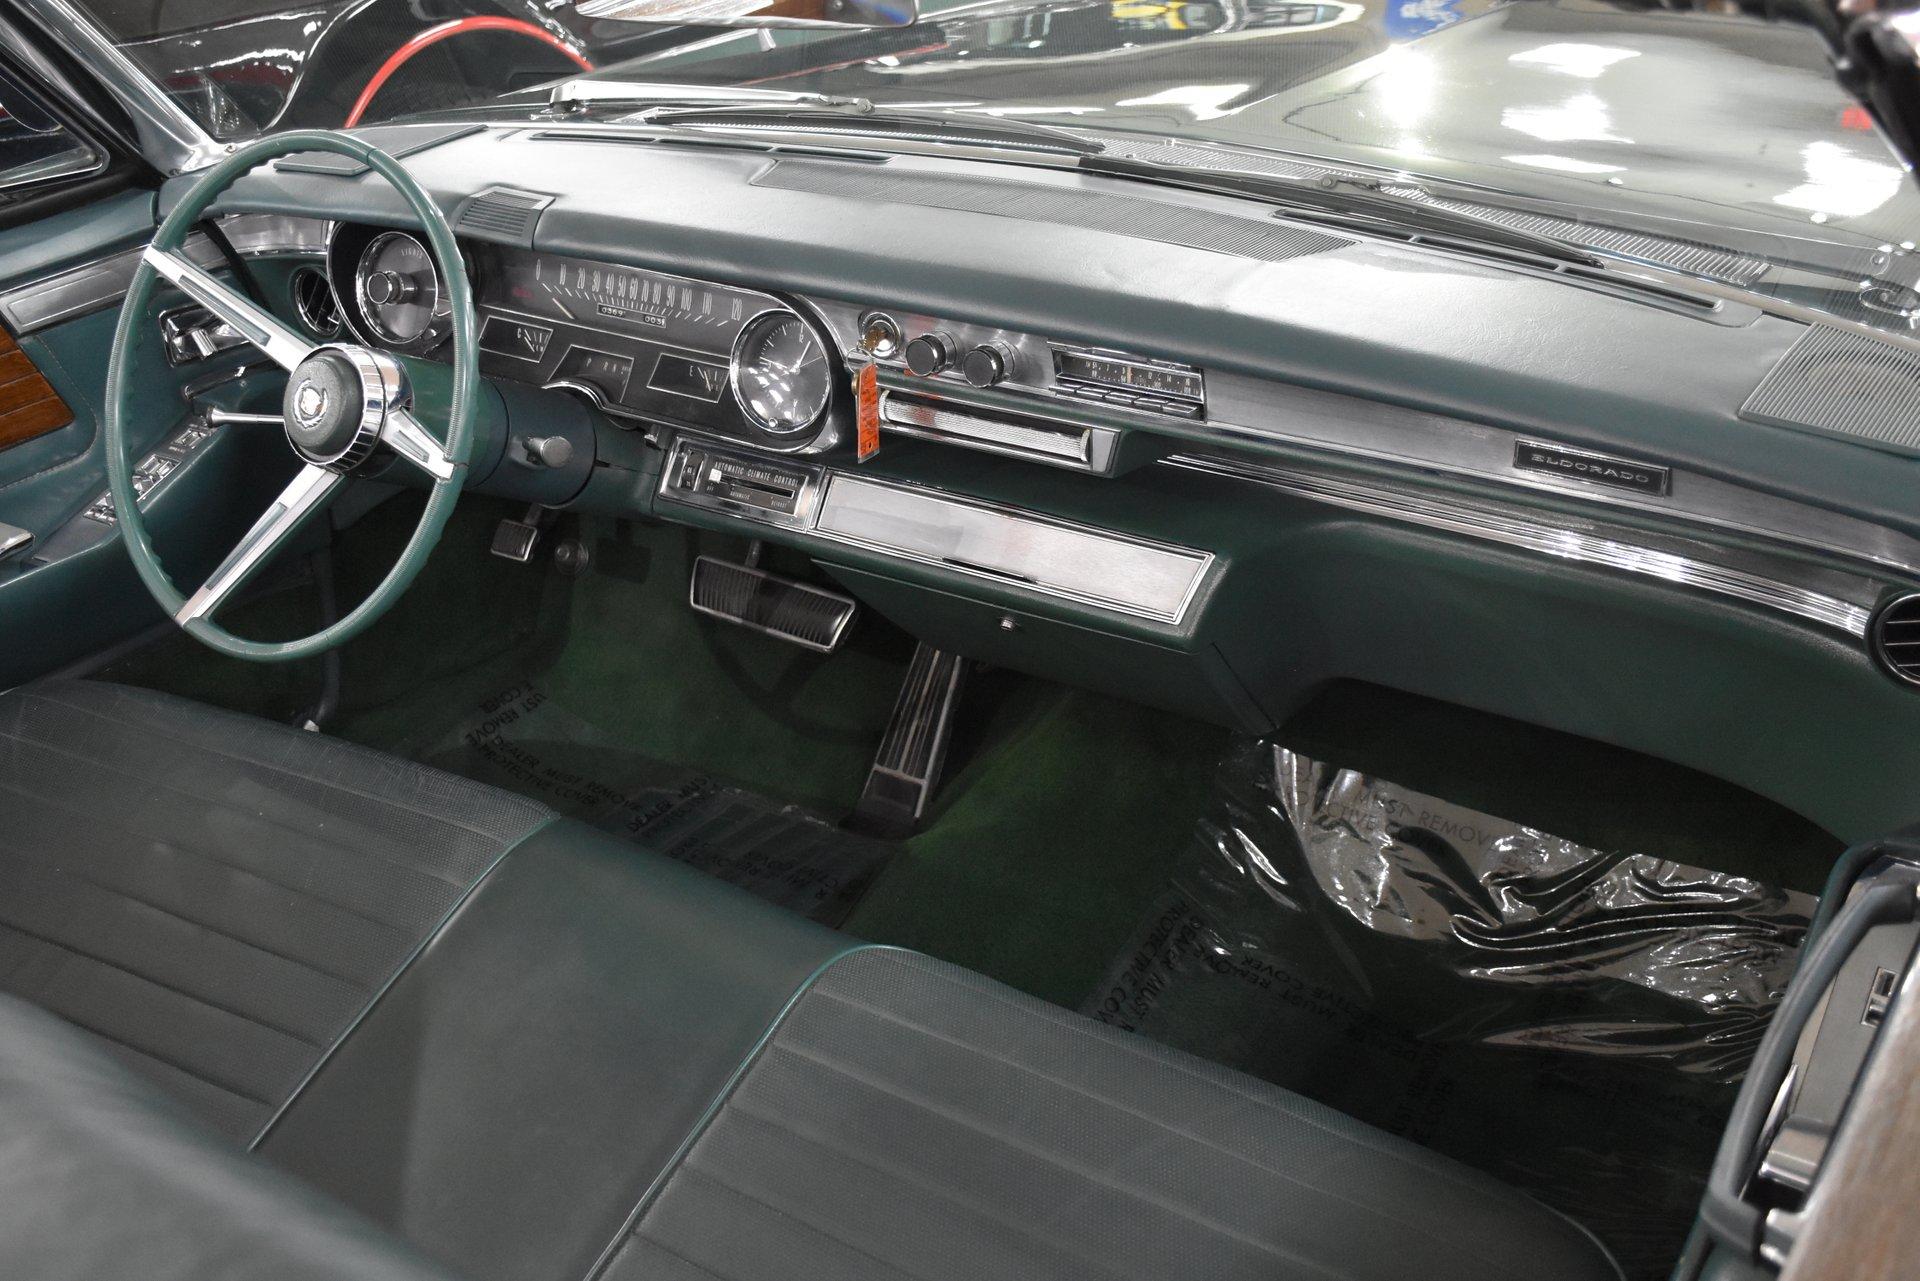 1966 Cadillac ElDorado | Ideal Classic Cars LLC